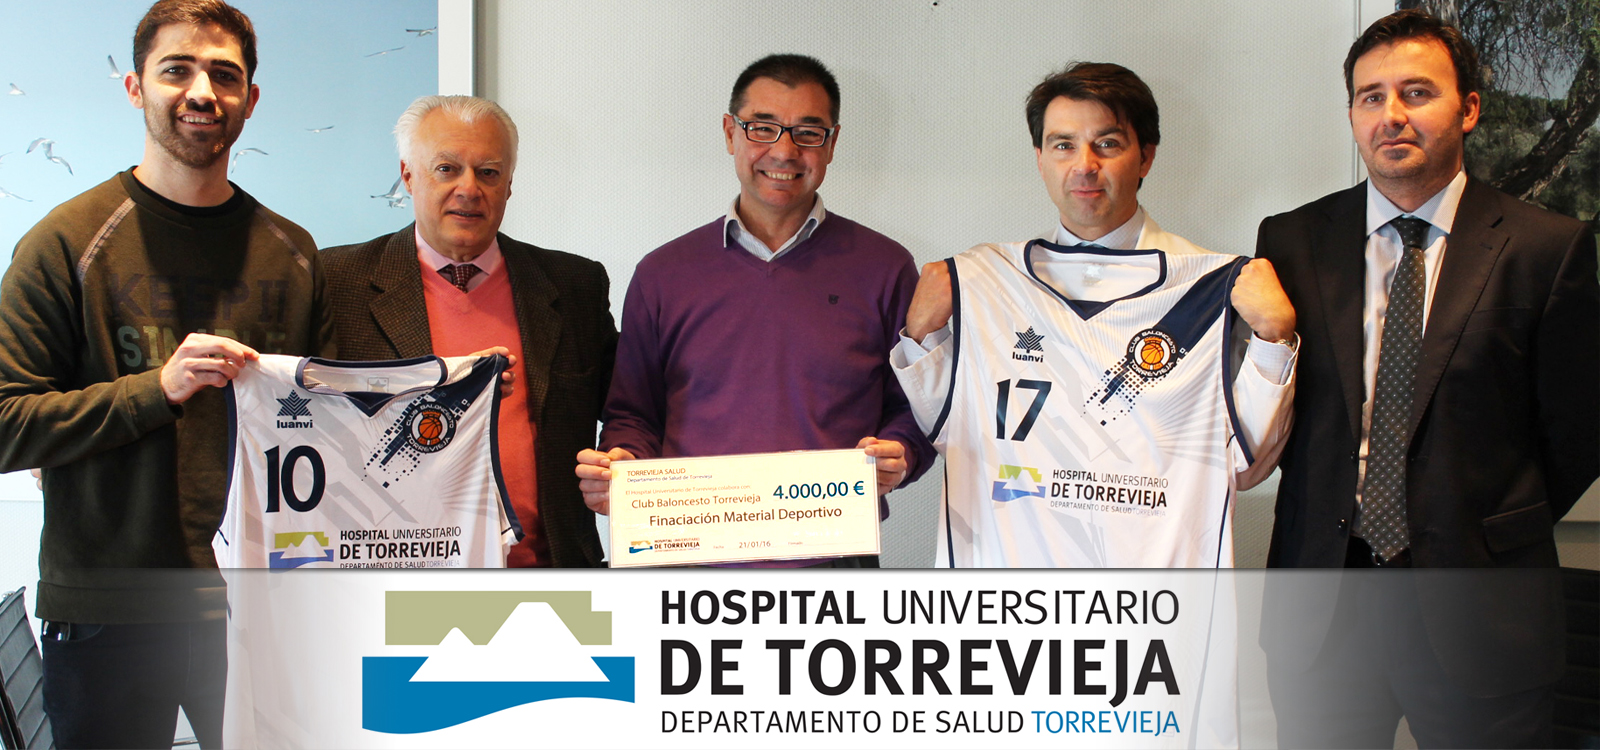 Acuerdo de patrocinio con el Hospital de Torrevieja